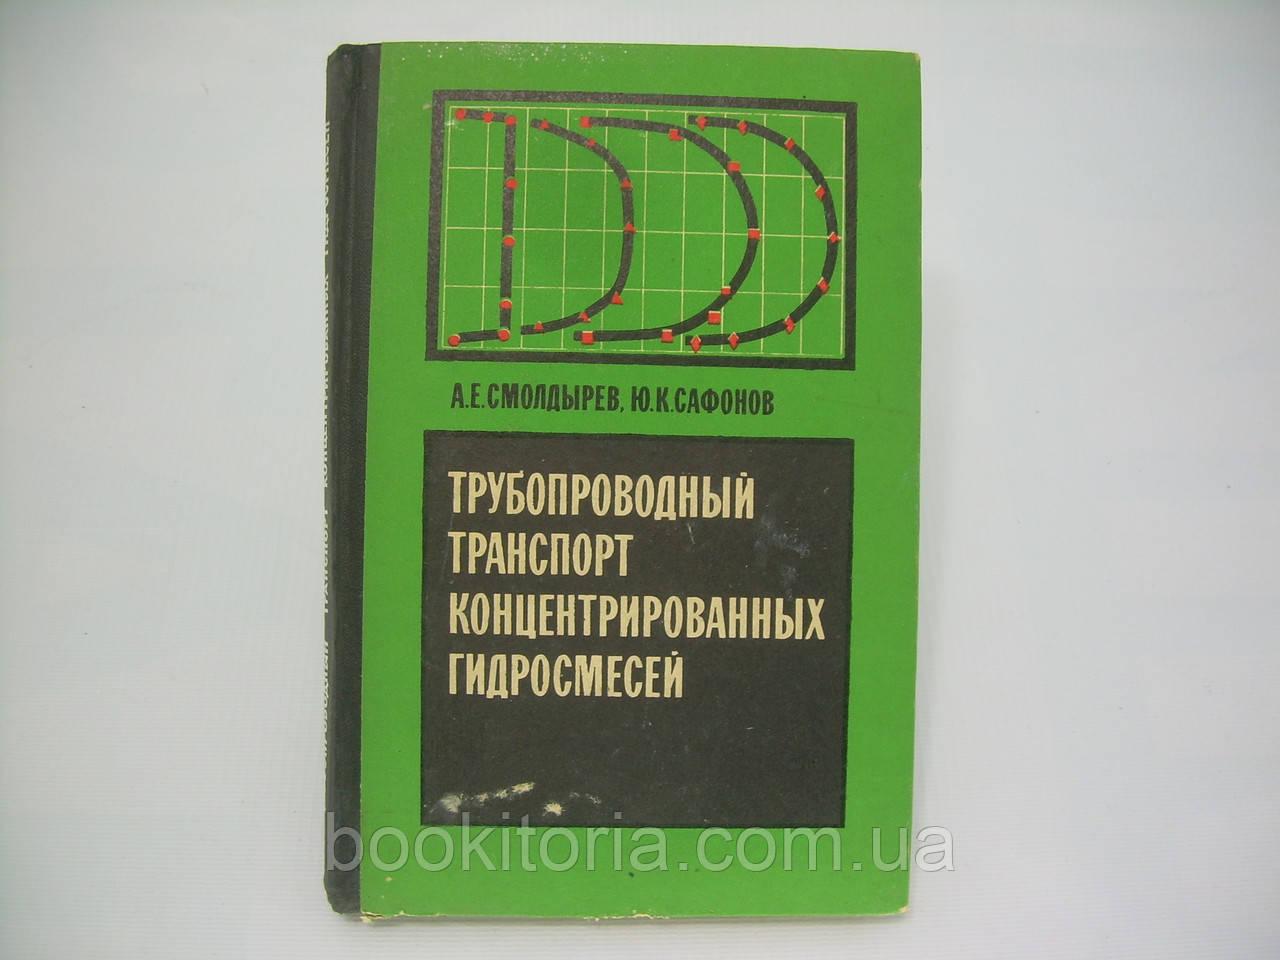 Смолдырев А.Е., Сафонов Ю.К. Трубопроводный транспорт концентрированных гидросмесей (б/у).